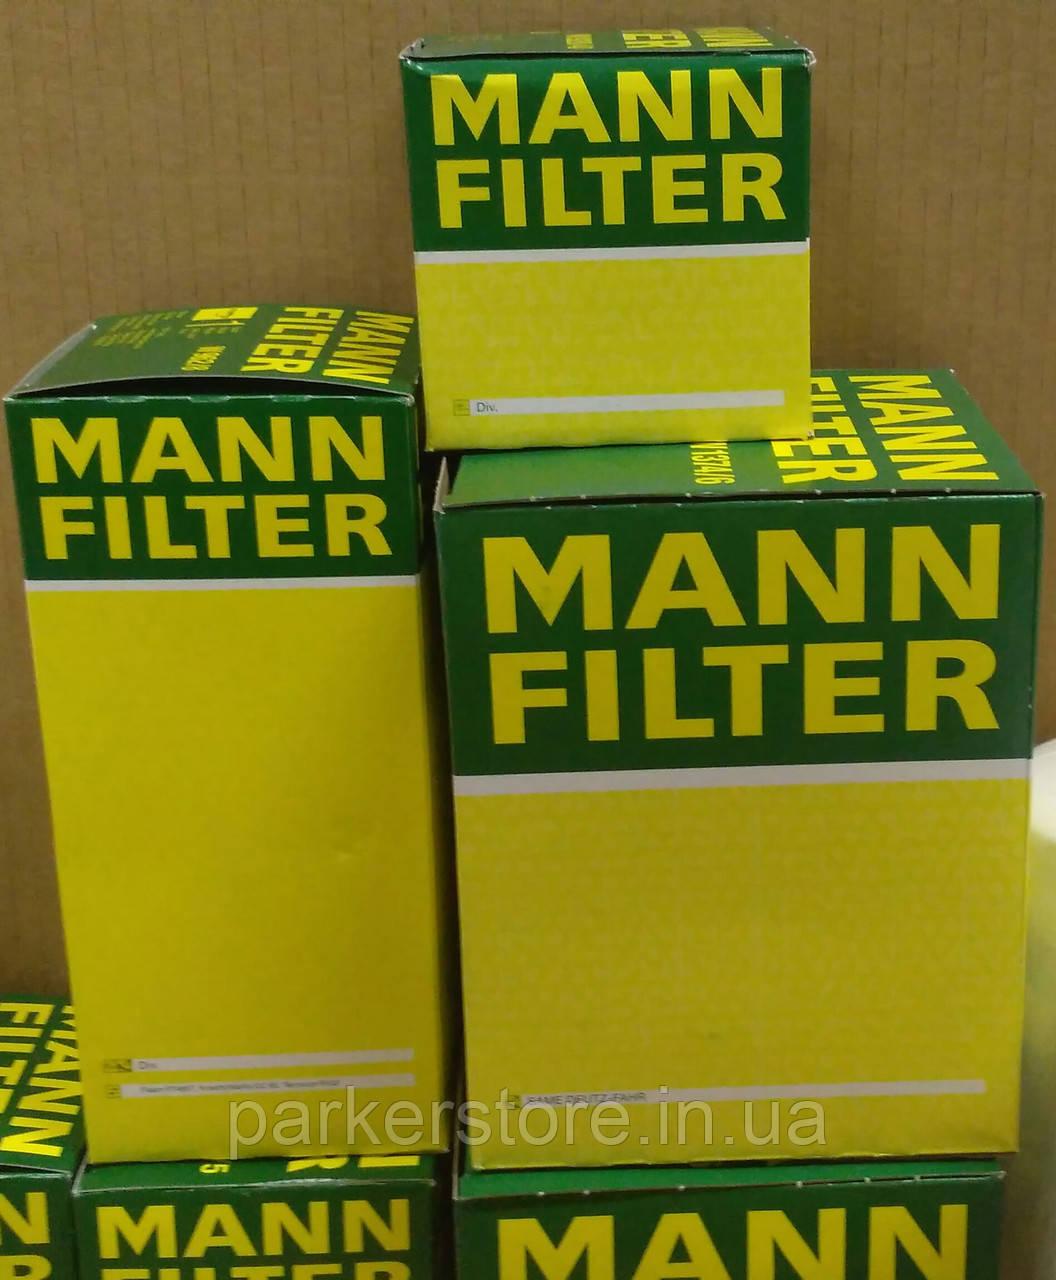 MANN FILTER / Воздушный фильтр / C 39 160/1 / C39160/1